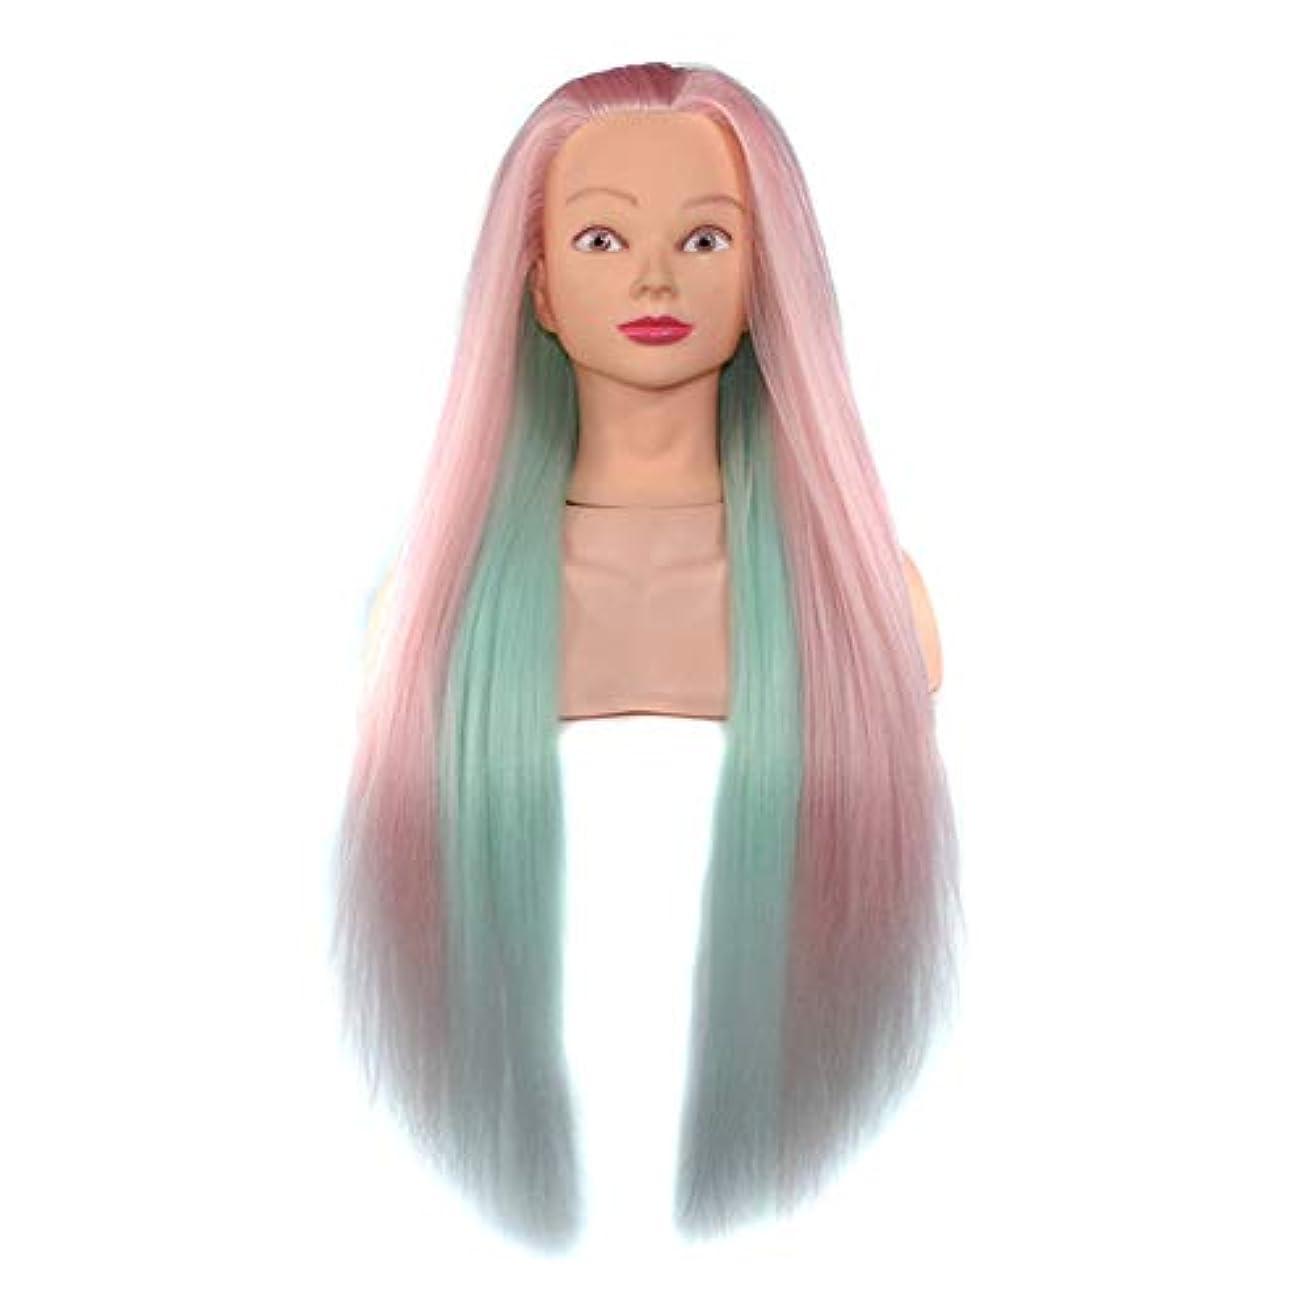 修羅場エスニックティームヘアスタイリング練習ディスクヘア学習ヘッドモデル美容院高温ワイヤートレーニングヘッドマネキン人形ヘッド